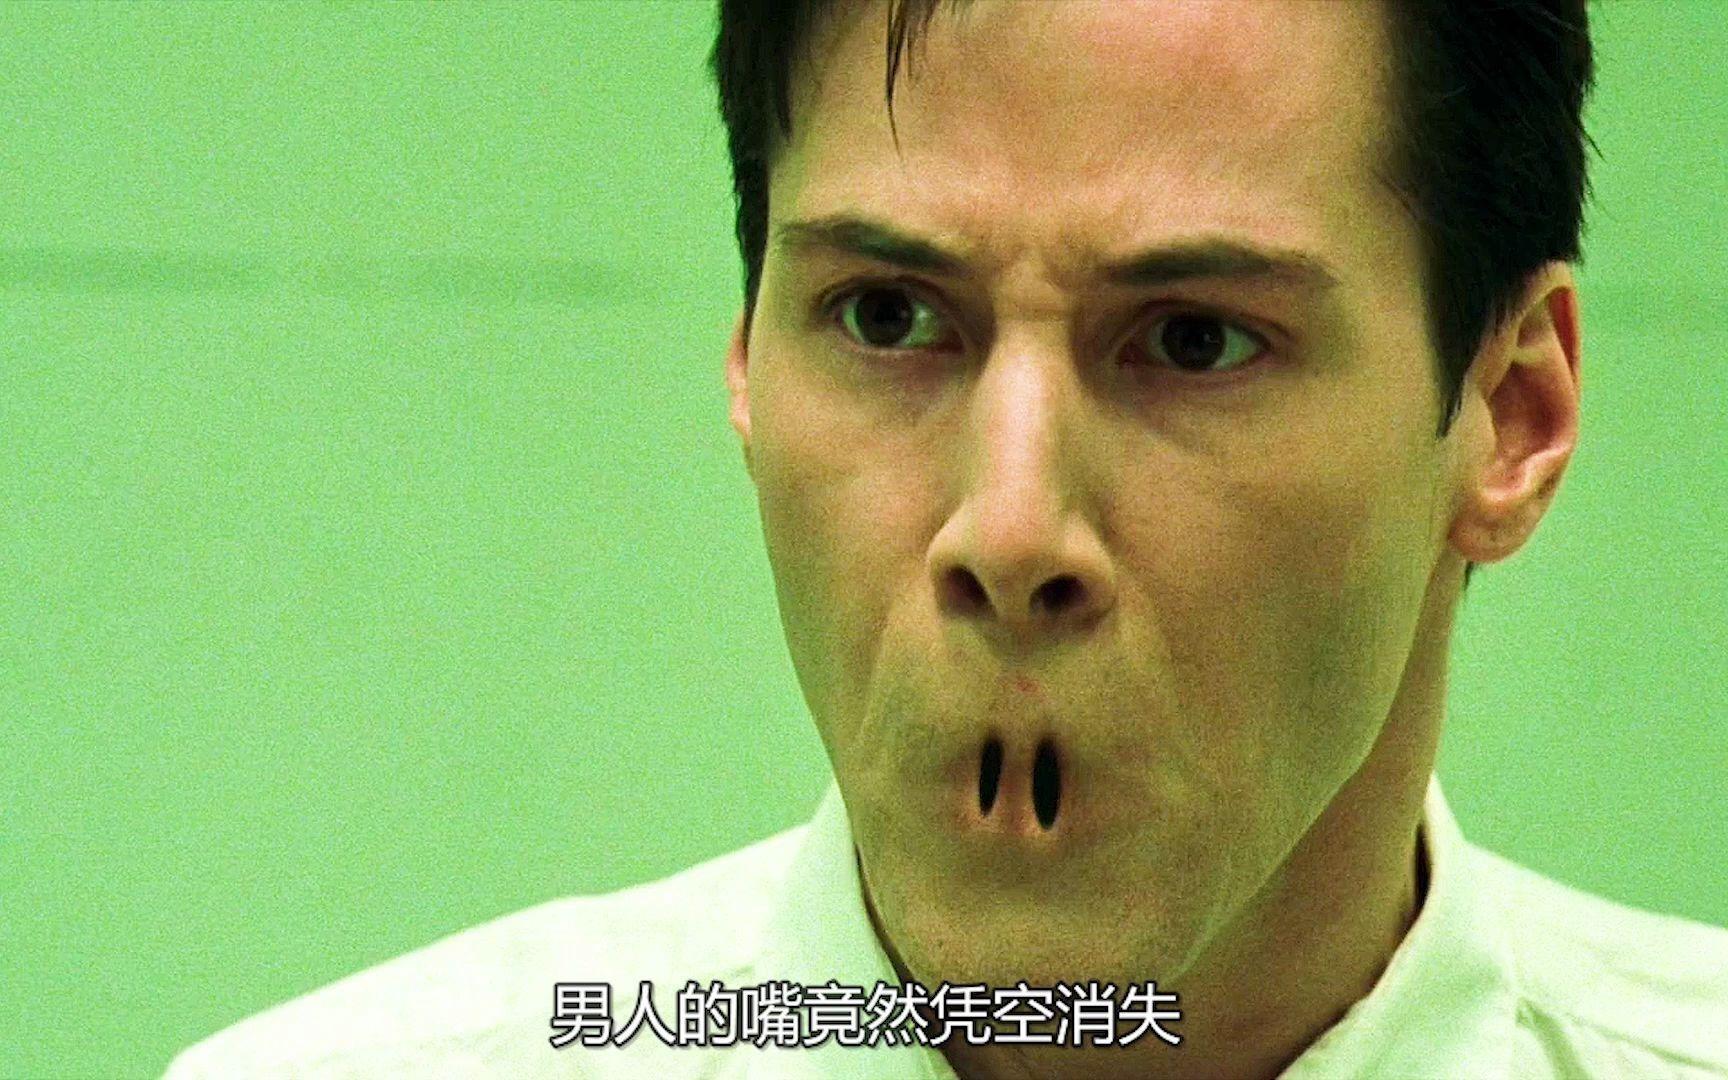 黑客帝国:鼻涕中诞生的小程序员,逆袭为救世主1